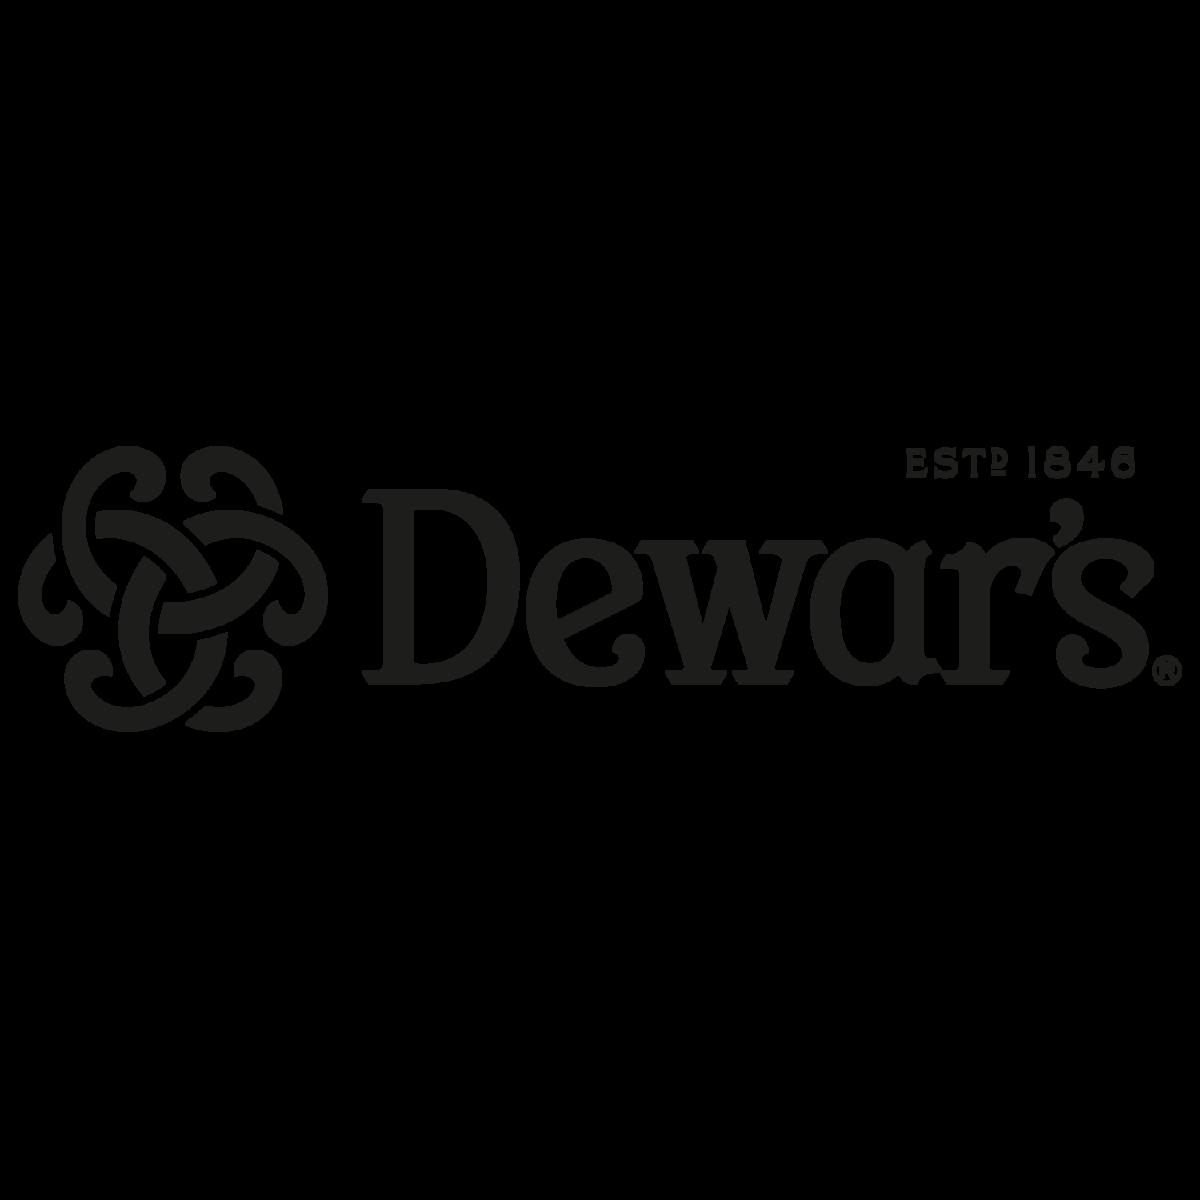 Dewars_The StratLab Client.png